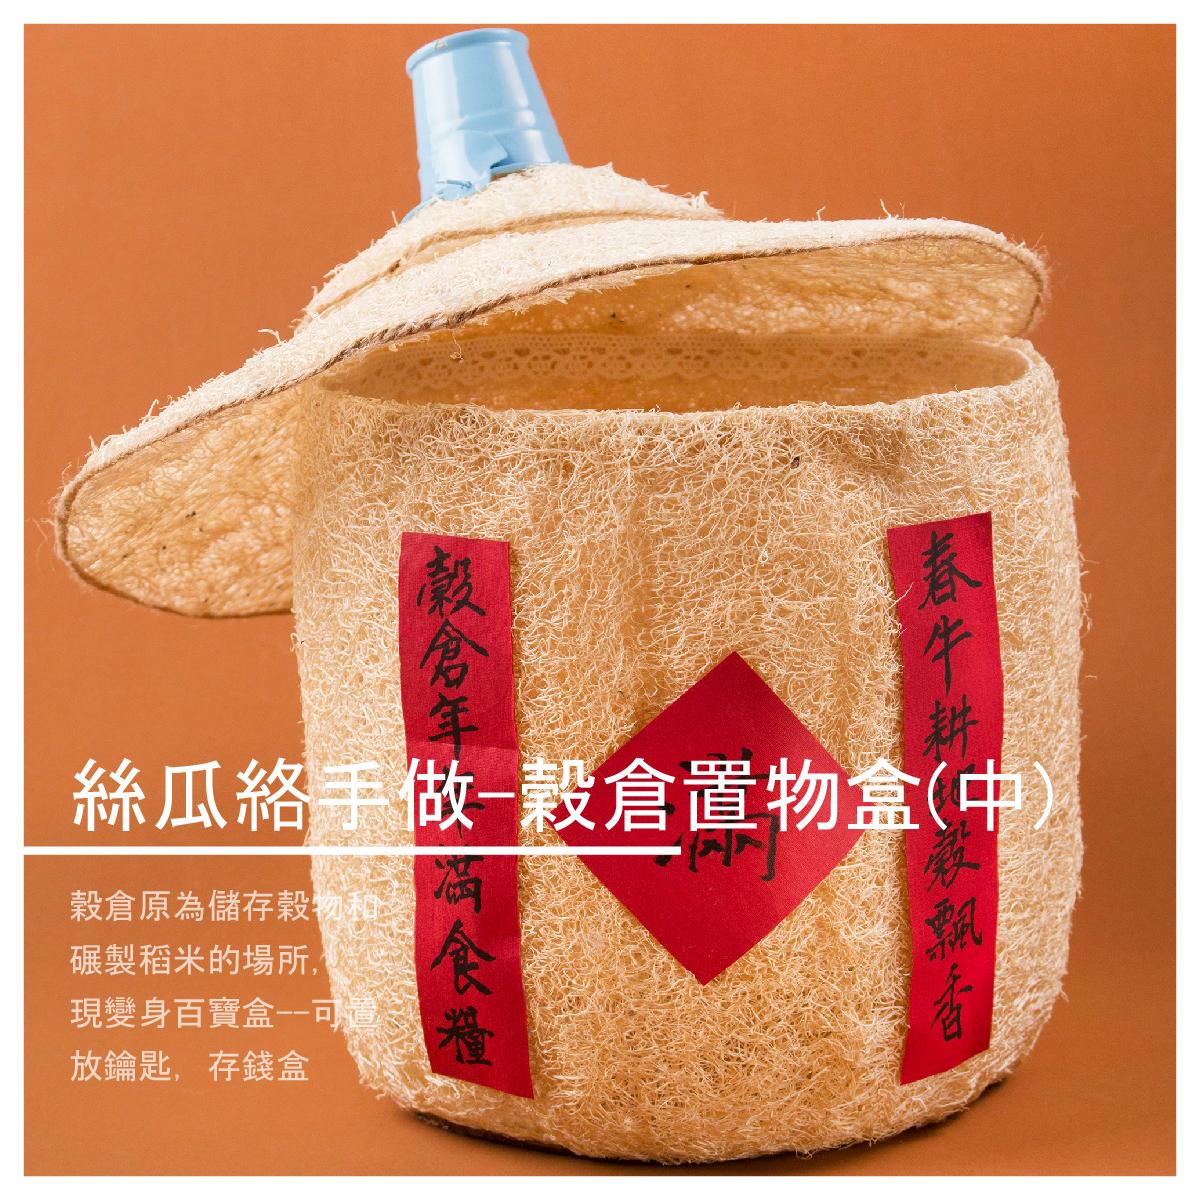 【水之鄉農場】絲瓜絡手做-穀倉置物盒(中)